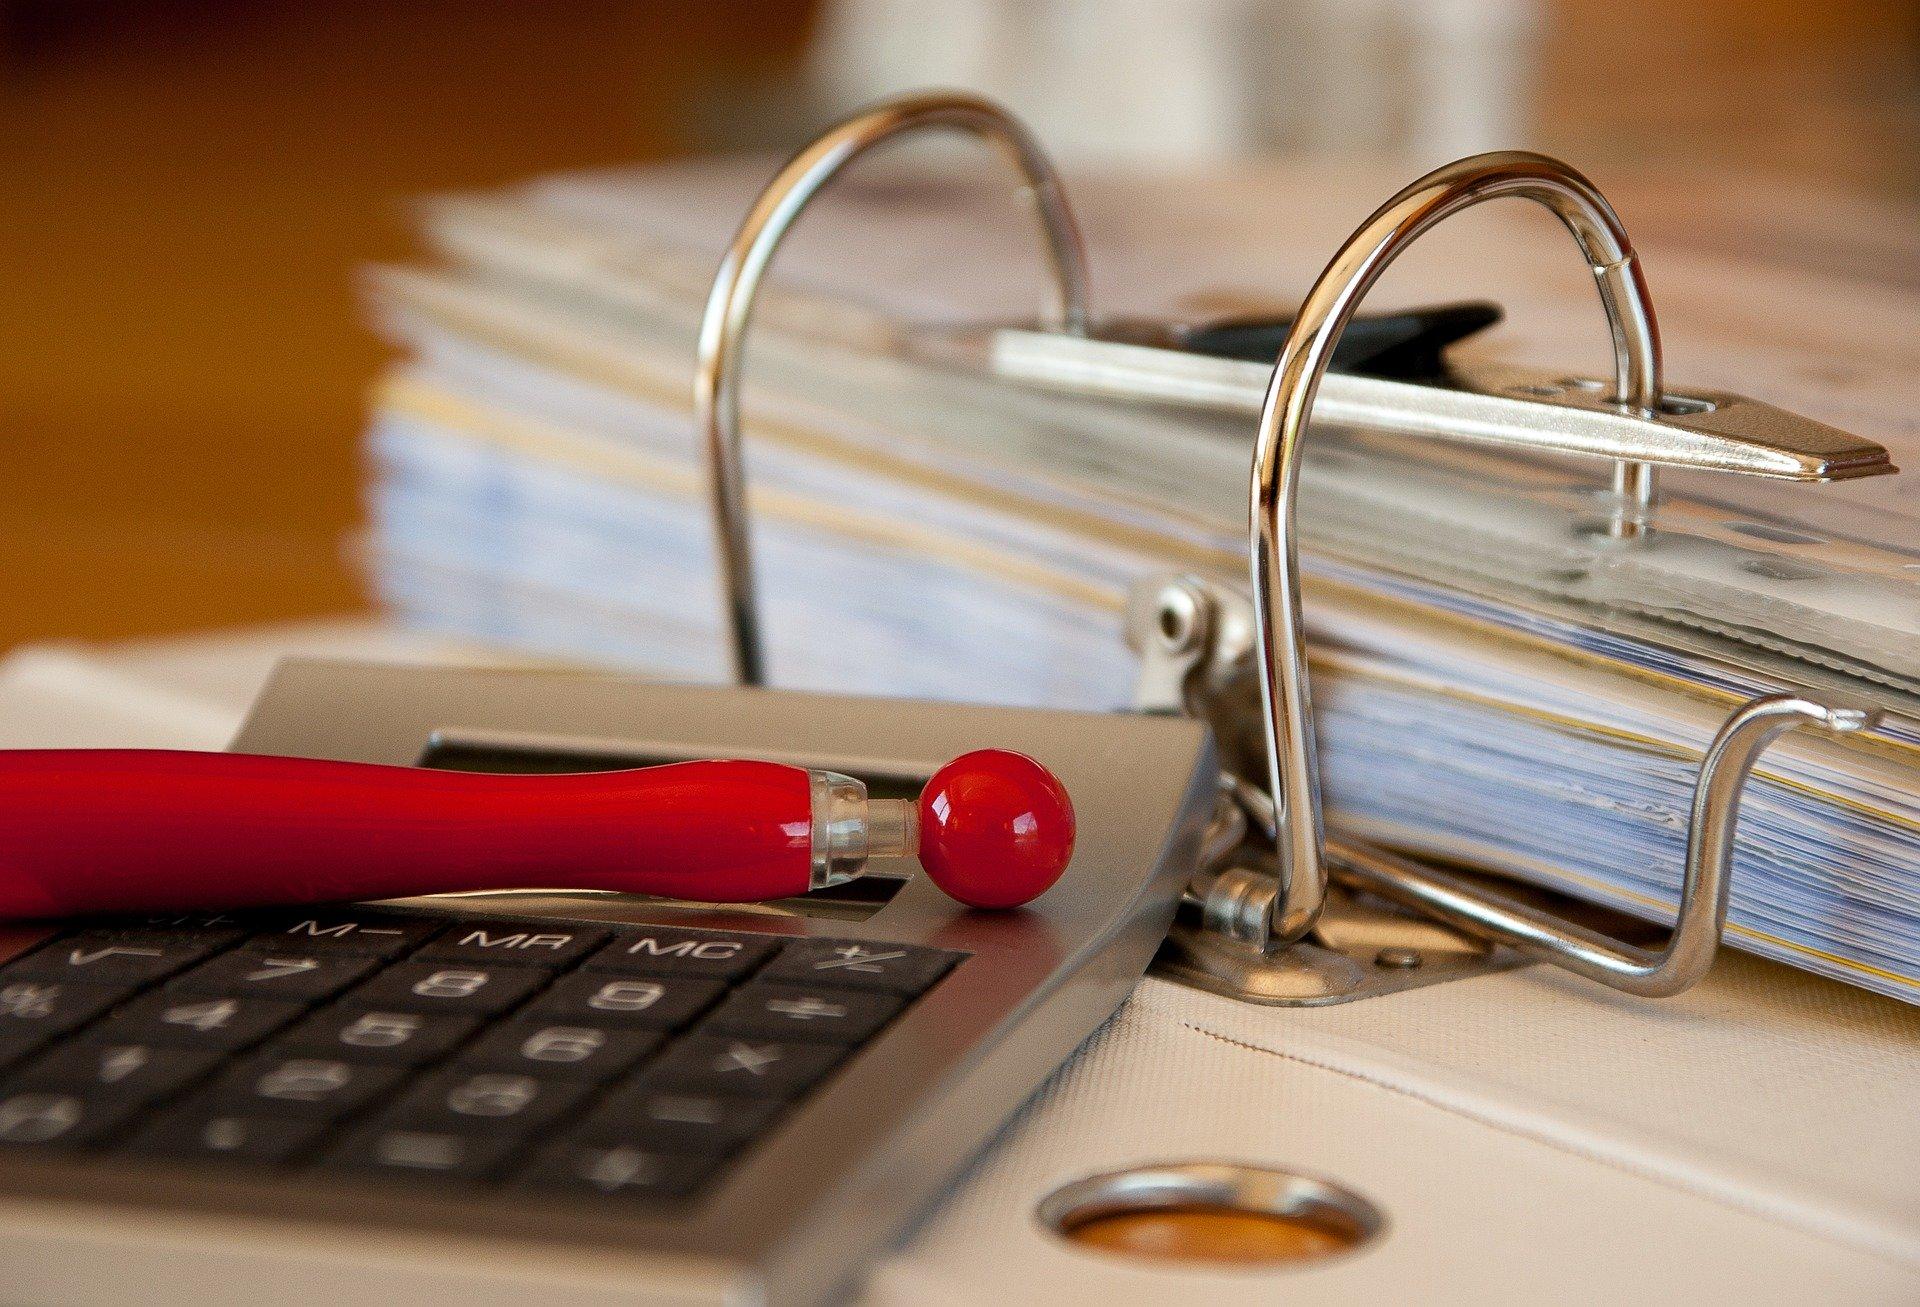 Interdit bancaire : Comment gérer un besoin d'argent urgent?